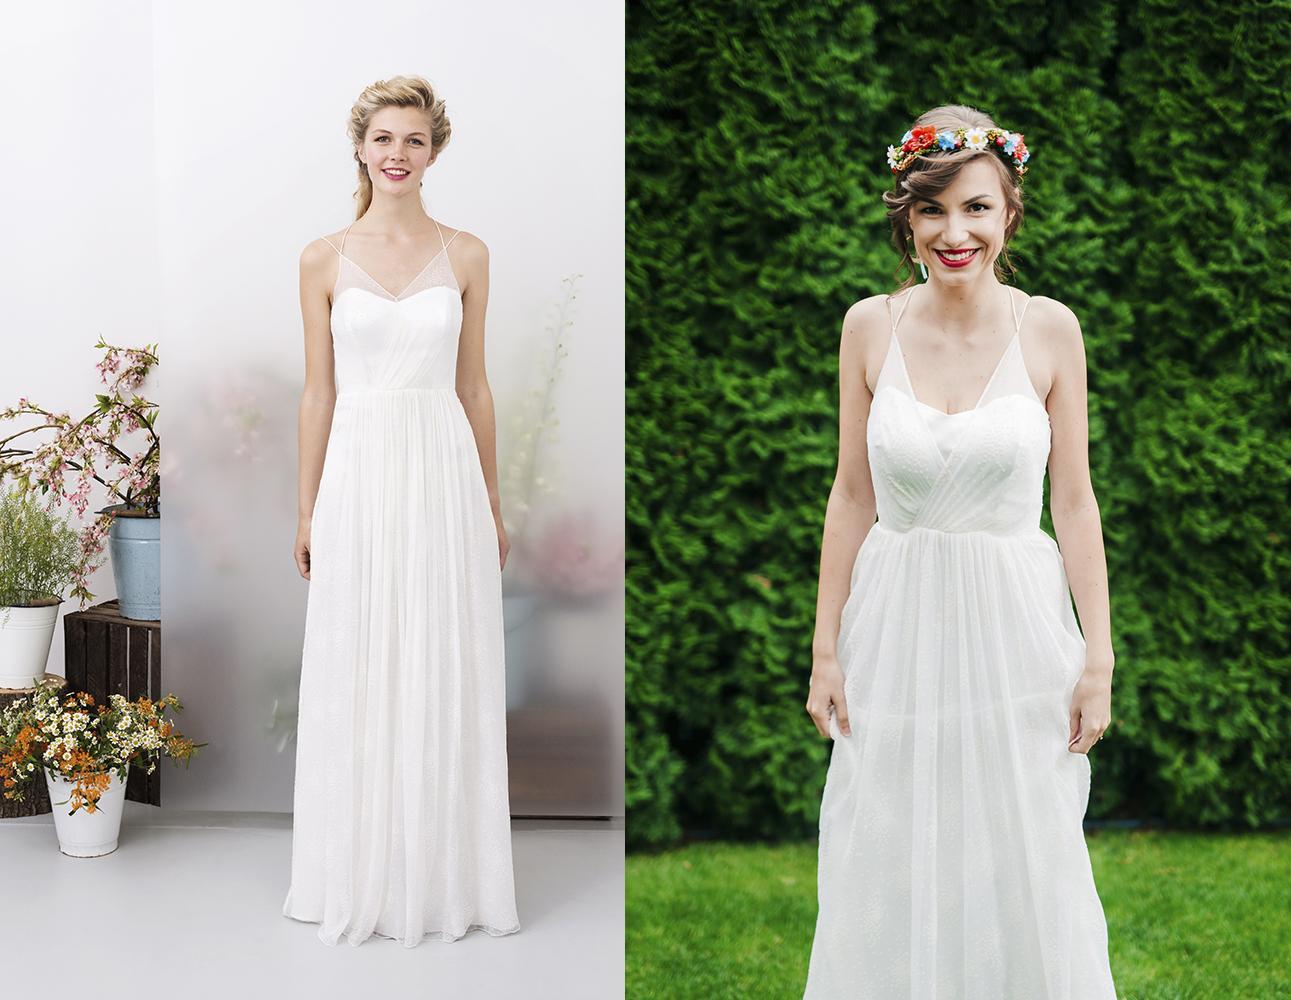 Svadobné šaty na modelke a na reálnej neveste - Nevesta @veronika933 a jej svadobné šaty značky kisui Oui Collection model Enny zo salónu Salón LuluAnna